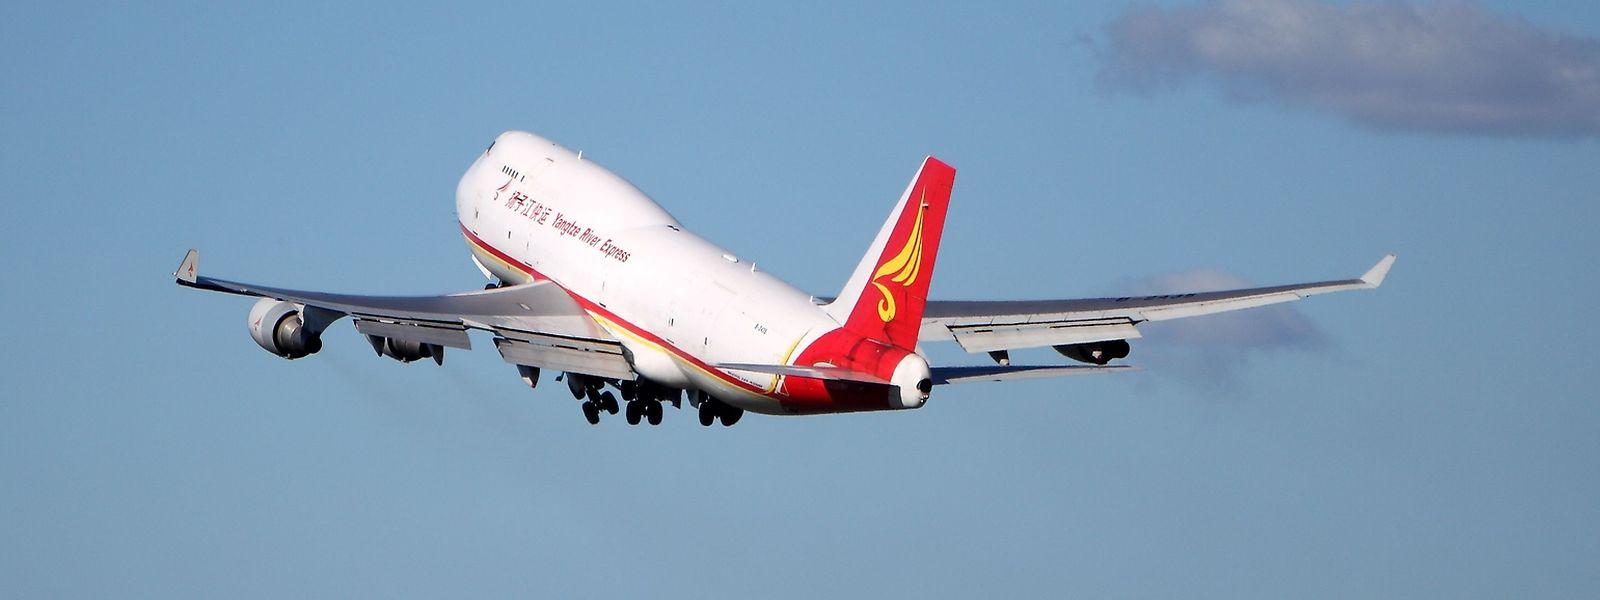 Um das Frachtgeschäft anzukurbeln, will der neue Hahn-Investor die Airline Yangtze River zurück in den Hunsrück holen. Bei der Frachtairline weiß man jedoch nichts davon.